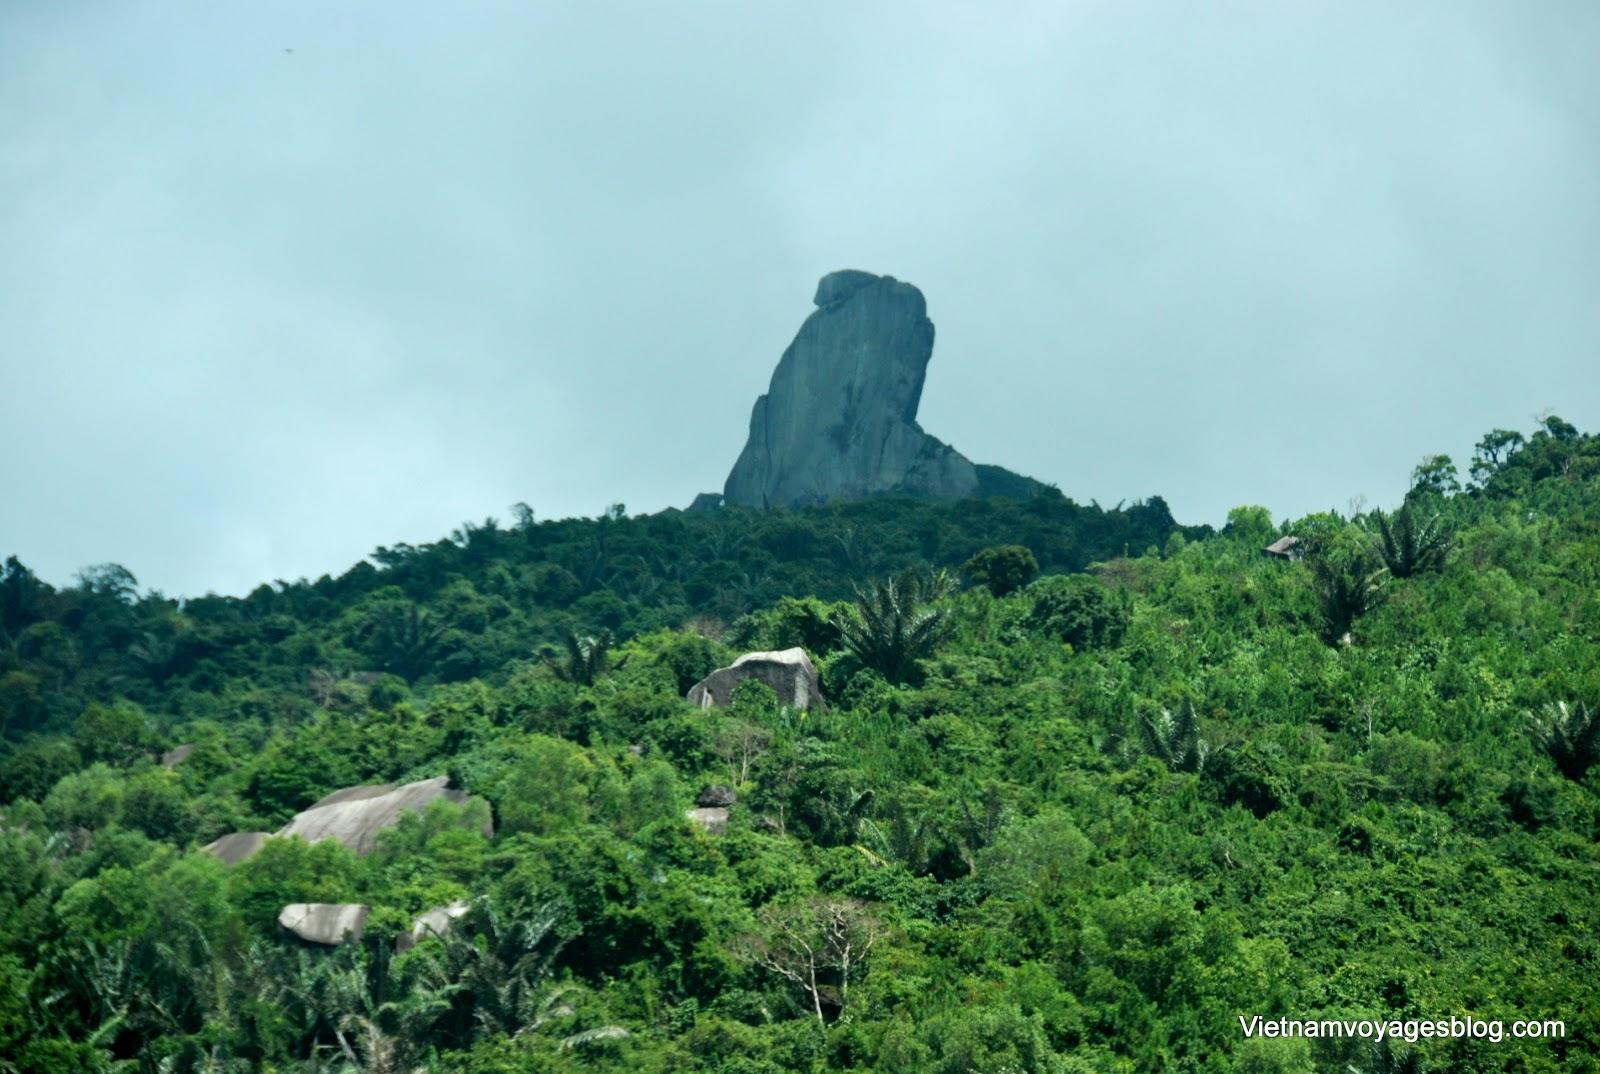 Thắng cảnh núi đá Bia trên đỉnh Đèo Cả - Phú Yên